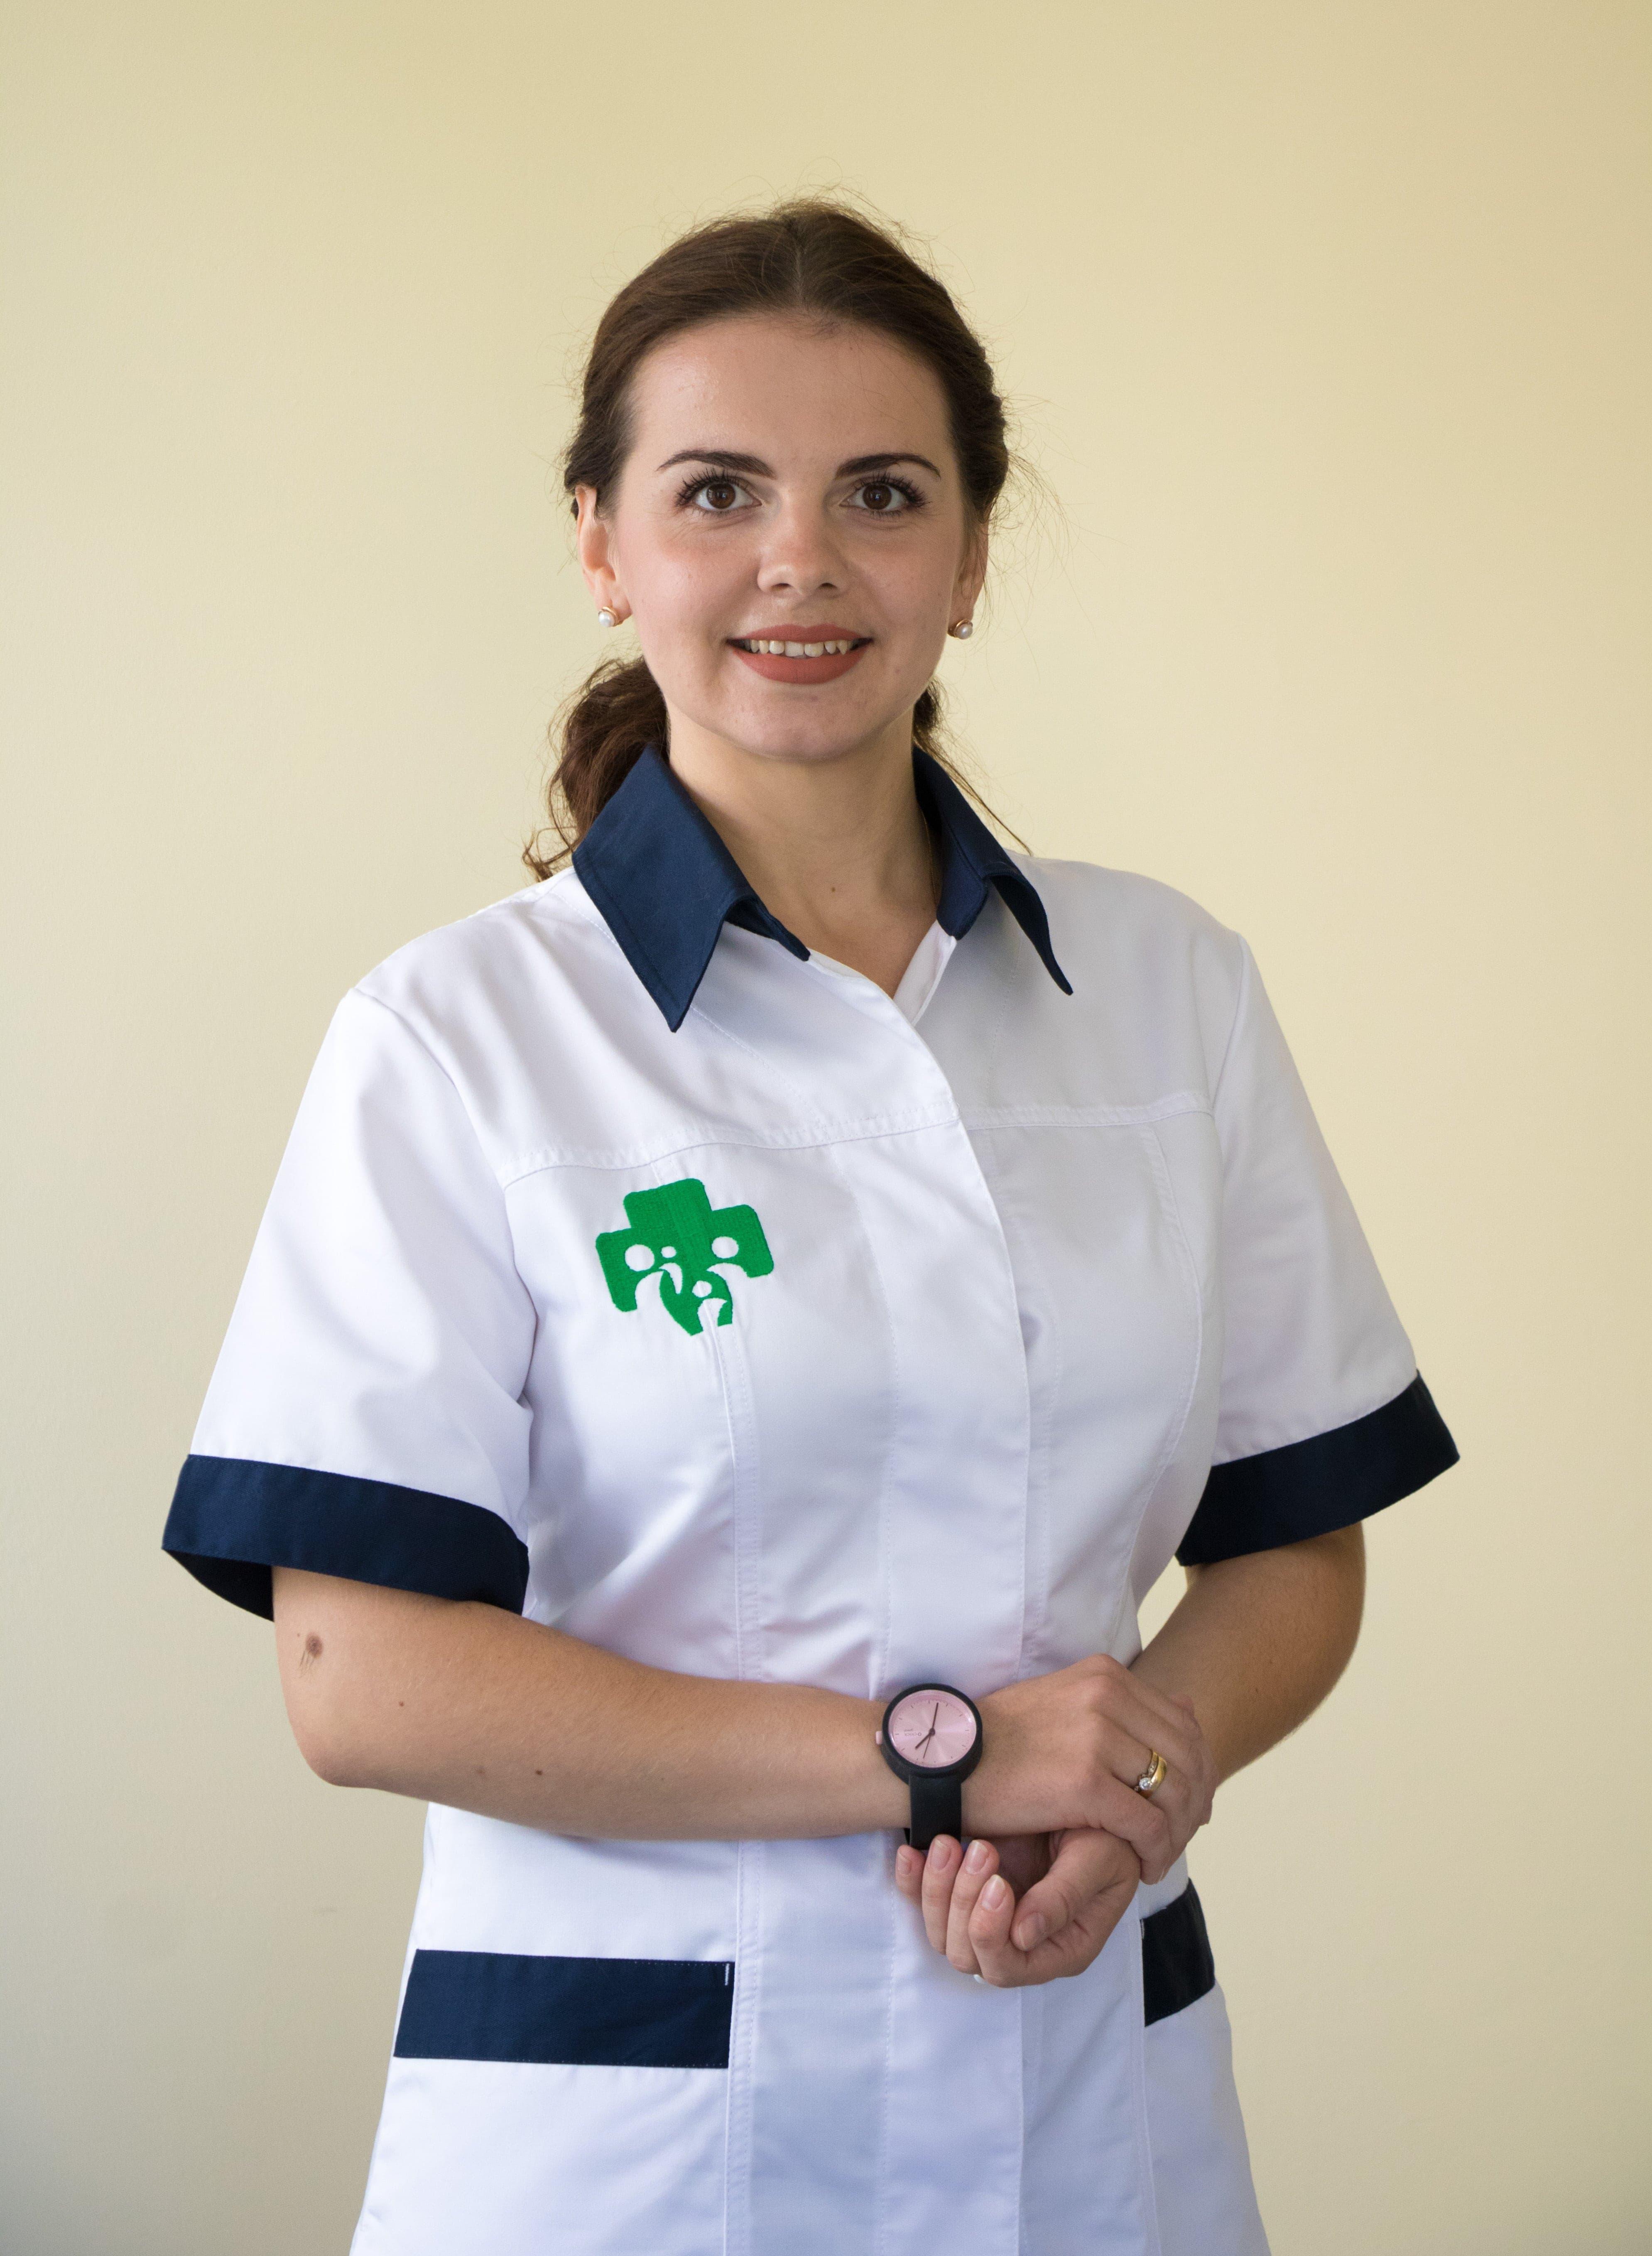 Труш Ирина Викторовна - семейный врач